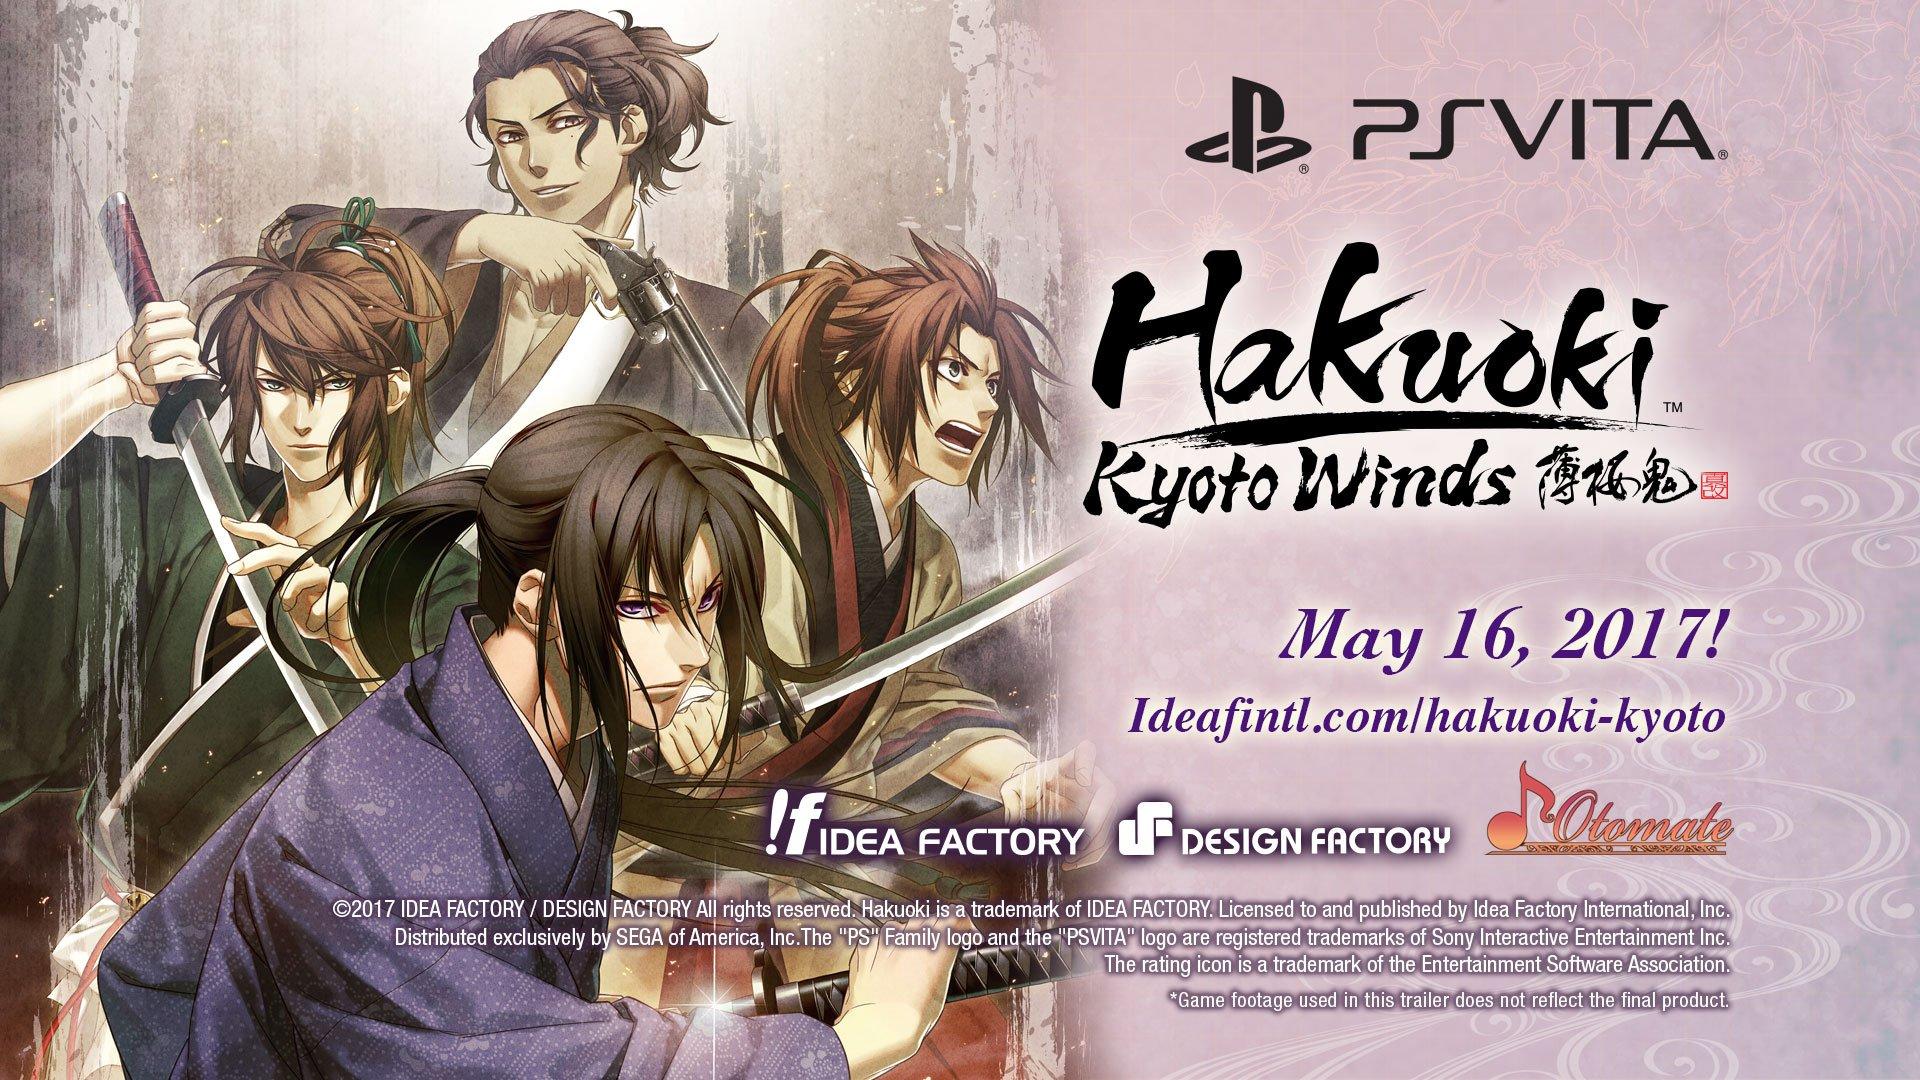 HakuokiKW